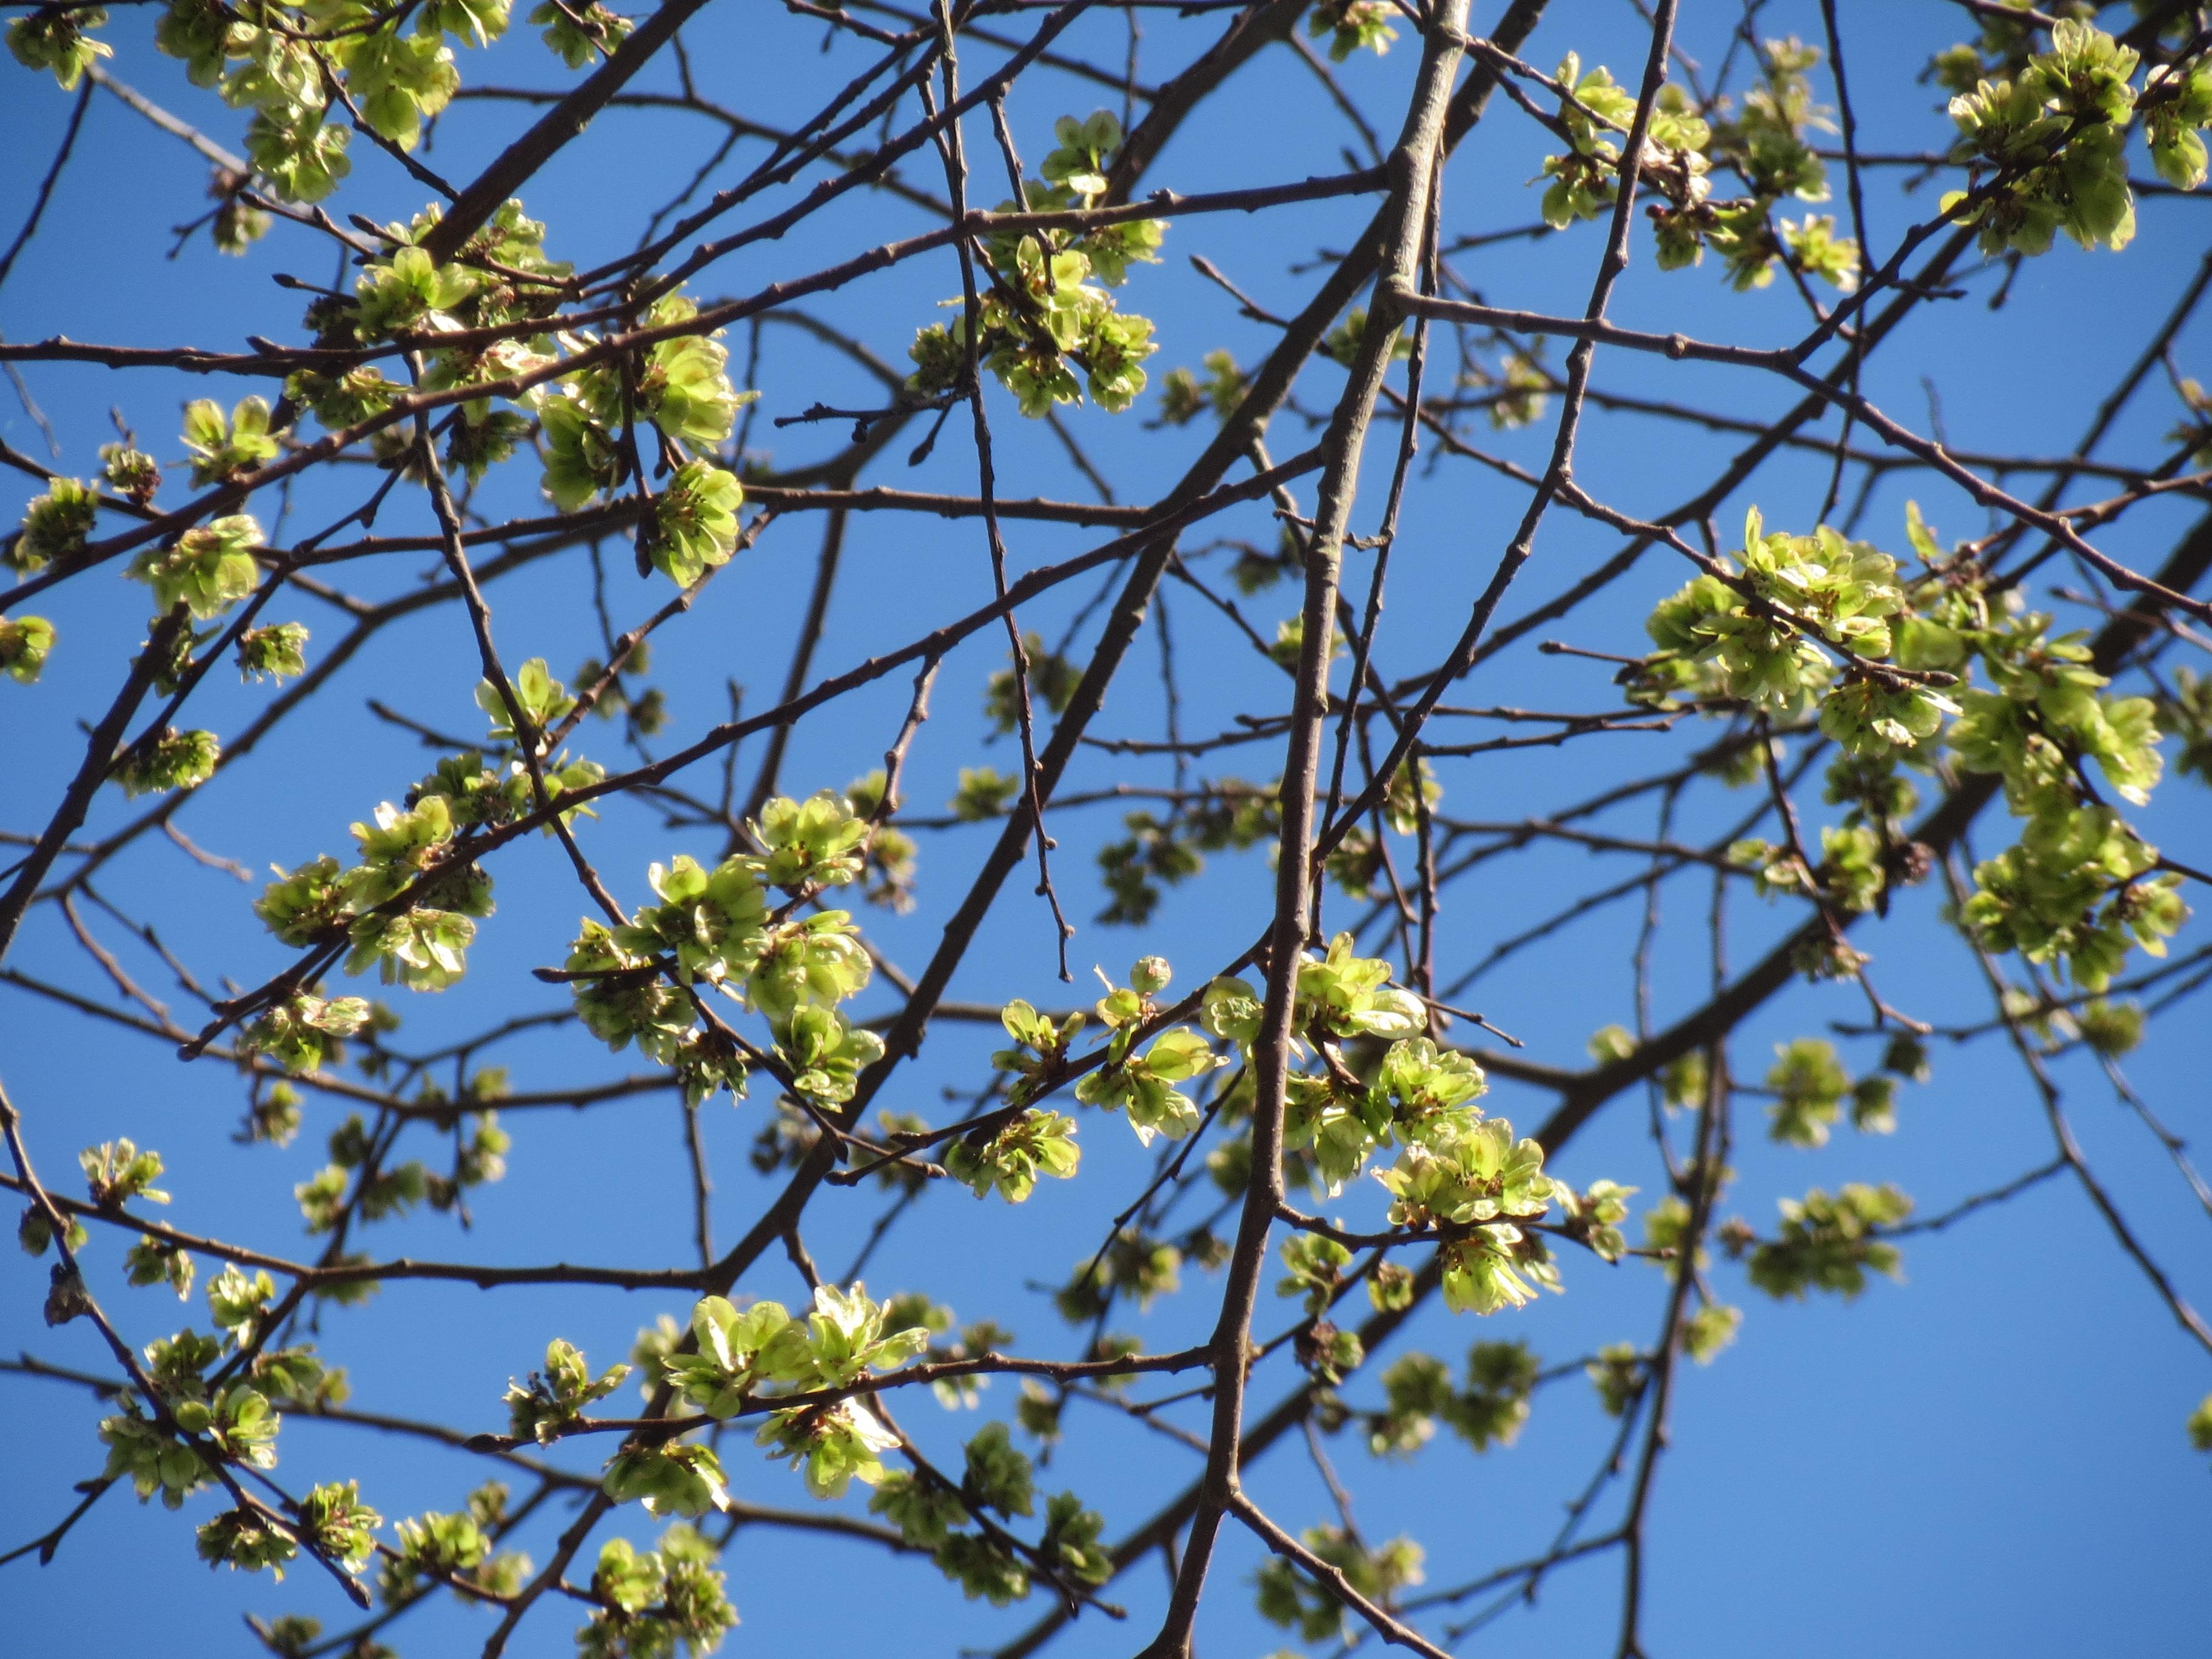 images gratuites arbre branche fleur fruit aliments produire feuilles persistantes. Black Bedroom Furniture Sets. Home Design Ideas